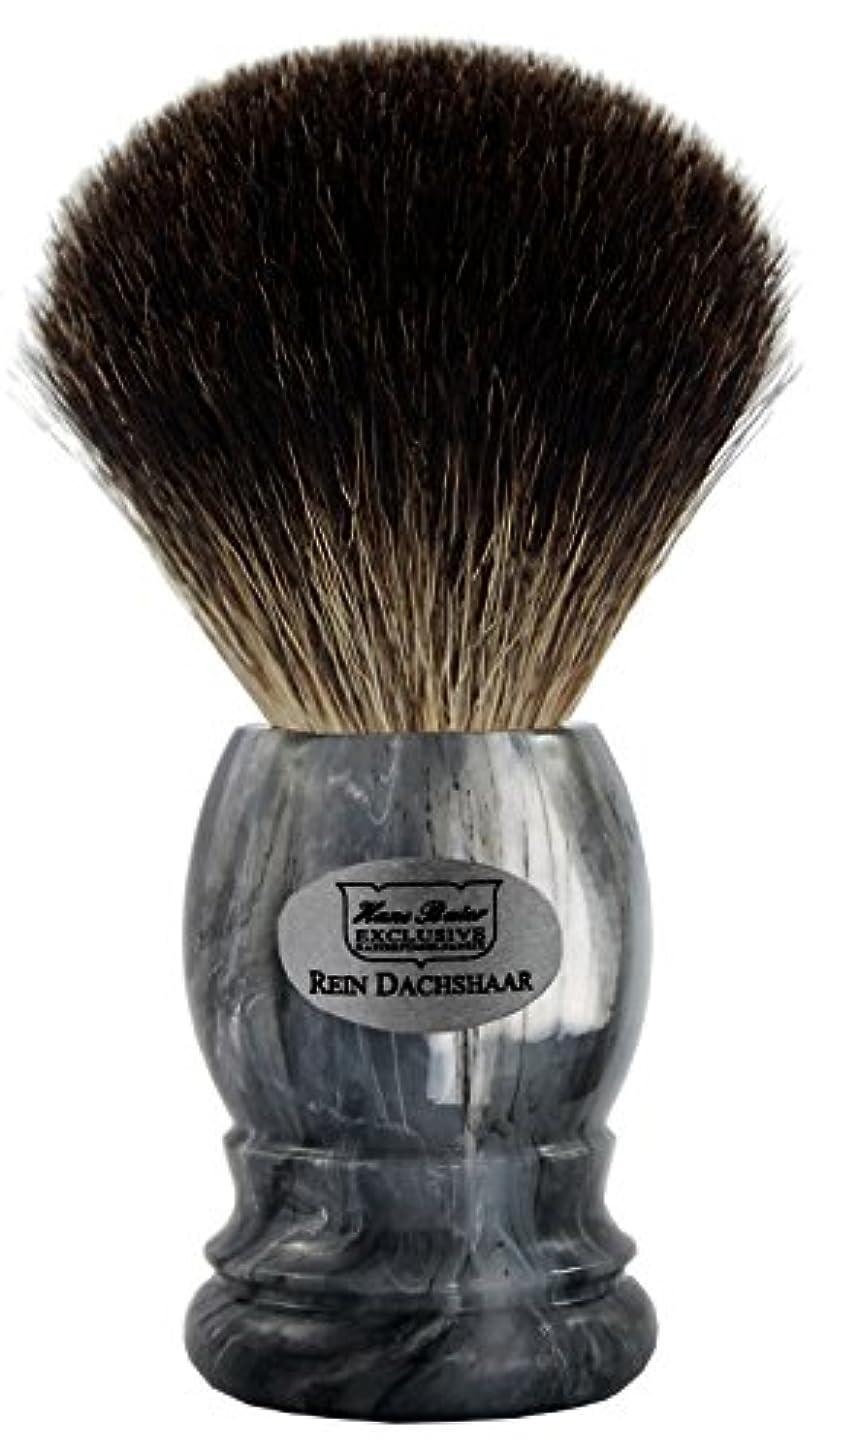 ポインタ疑問に思うぎこちないShaving brush grey badger, grey handle - Hans Baier Exclusive